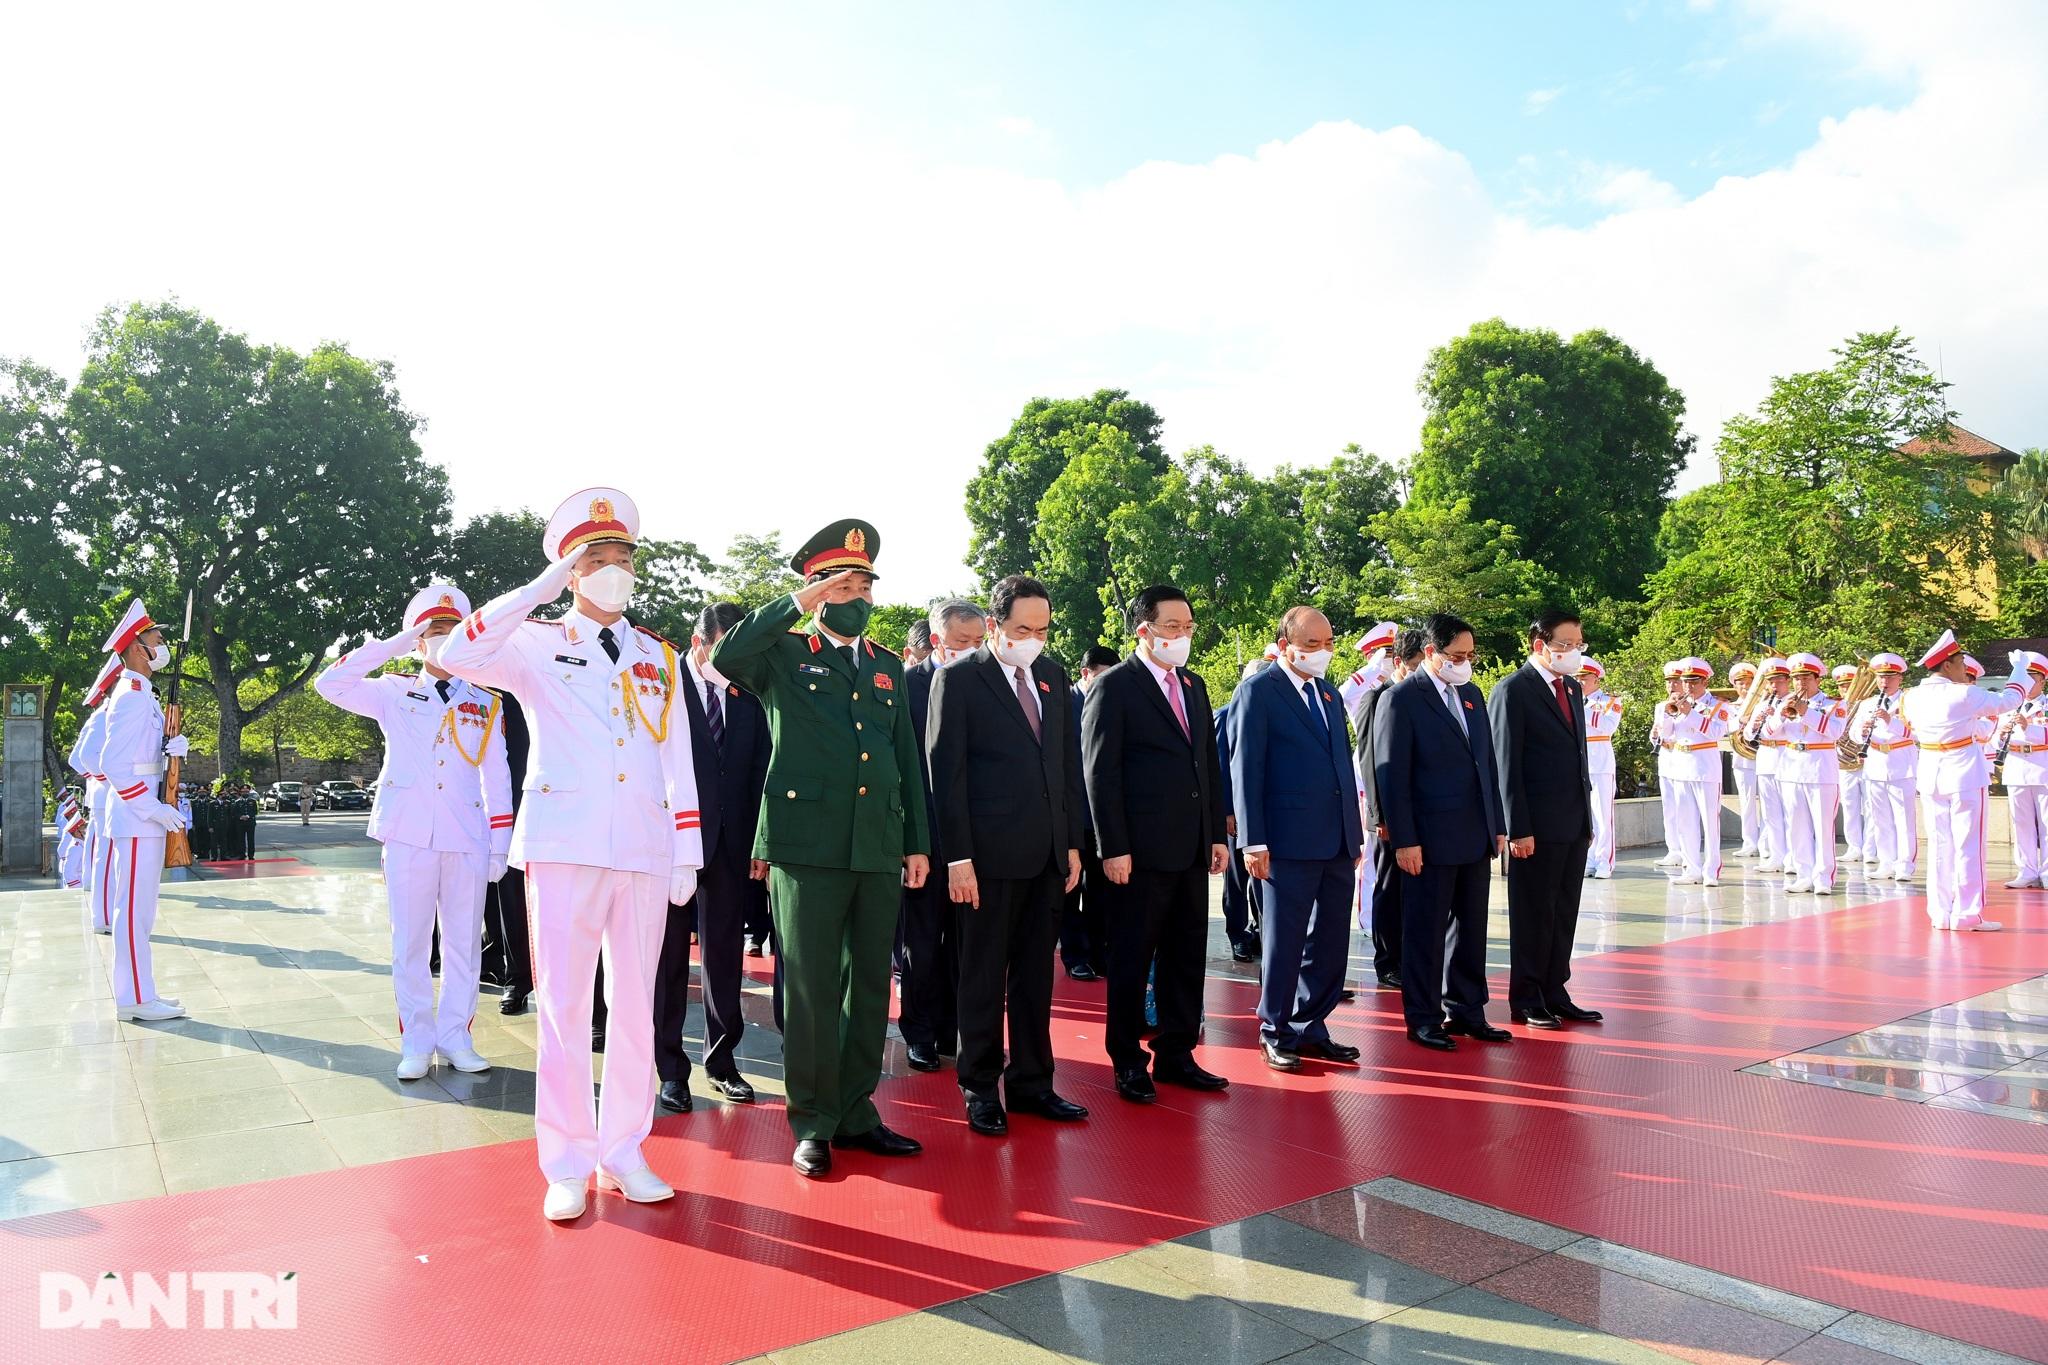 Lãnh đạo Đảng, Nhà nước đặt vòng hoa, tưởng niệm các Anh hùng liệt sĩ - 3